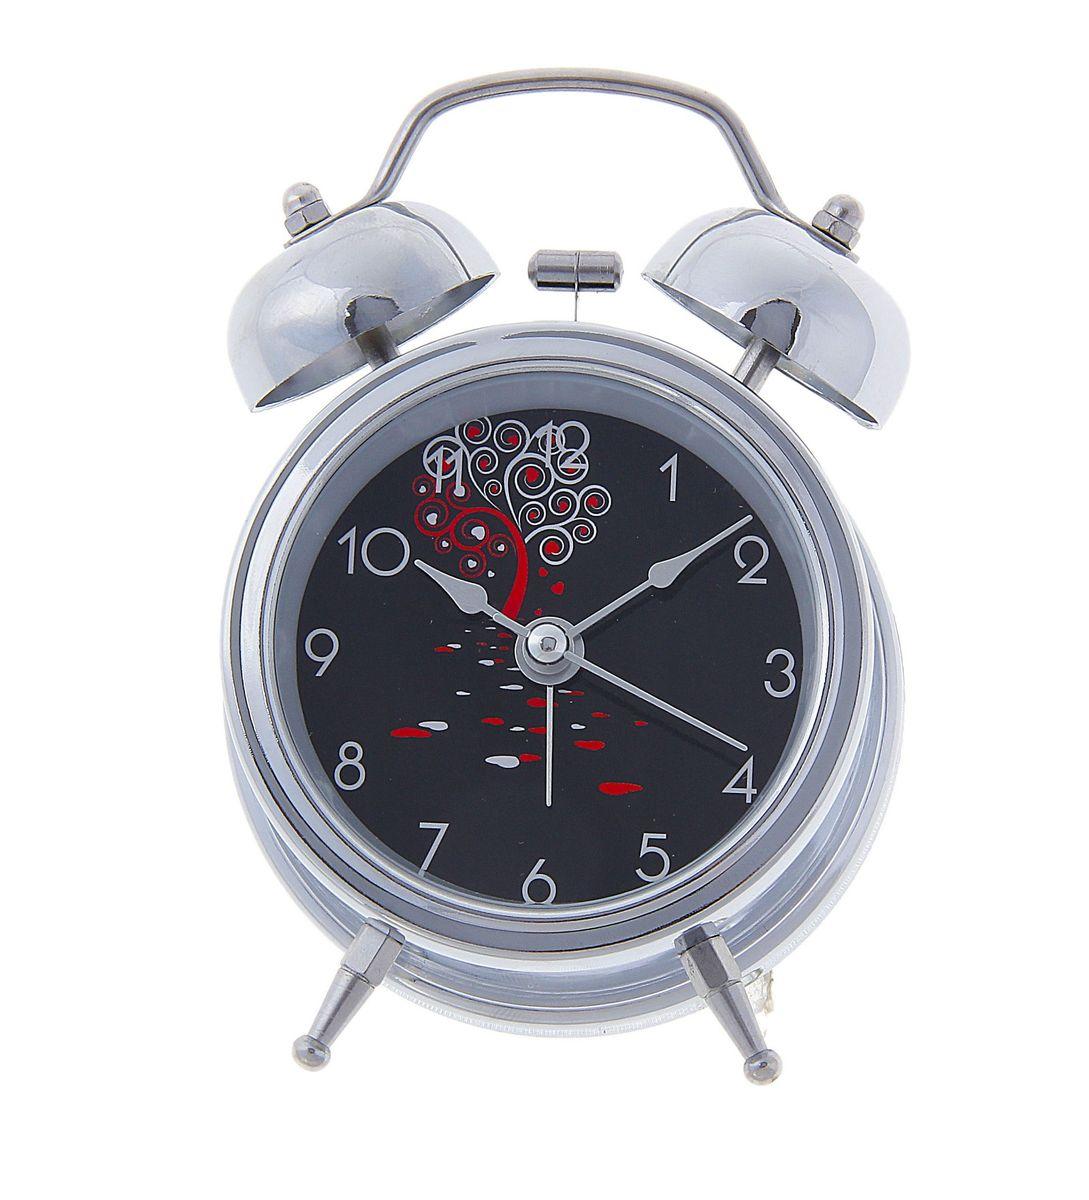 Часы-будильник Sima-land. 12720215117058Как же сложно иногда вставать вовремя! Всегда так хочется поспать еще хотя бы 5 минут и бывает, что мы просыпаем. Теперь этого не случится! Яркий, оригинальный будильник Sima-land поможет вам всегда вставать в нужное время и успевать везде и всюду. Время показывает точно и будит в установленный час. Будильник украсит вашу комнату и приведет в восхищение друзей. На задней панели будильника расположены переключатель включения/выключения механизма и два колесика для настройки текущего времени и времени звонка будильника. Также будильник оснащен кнопкой, при нажатии и удержании которой, подсвечивается циферблат.Будильник работает от 1 батарейки типа AA напряжением 1,5V (не входит в комплект).